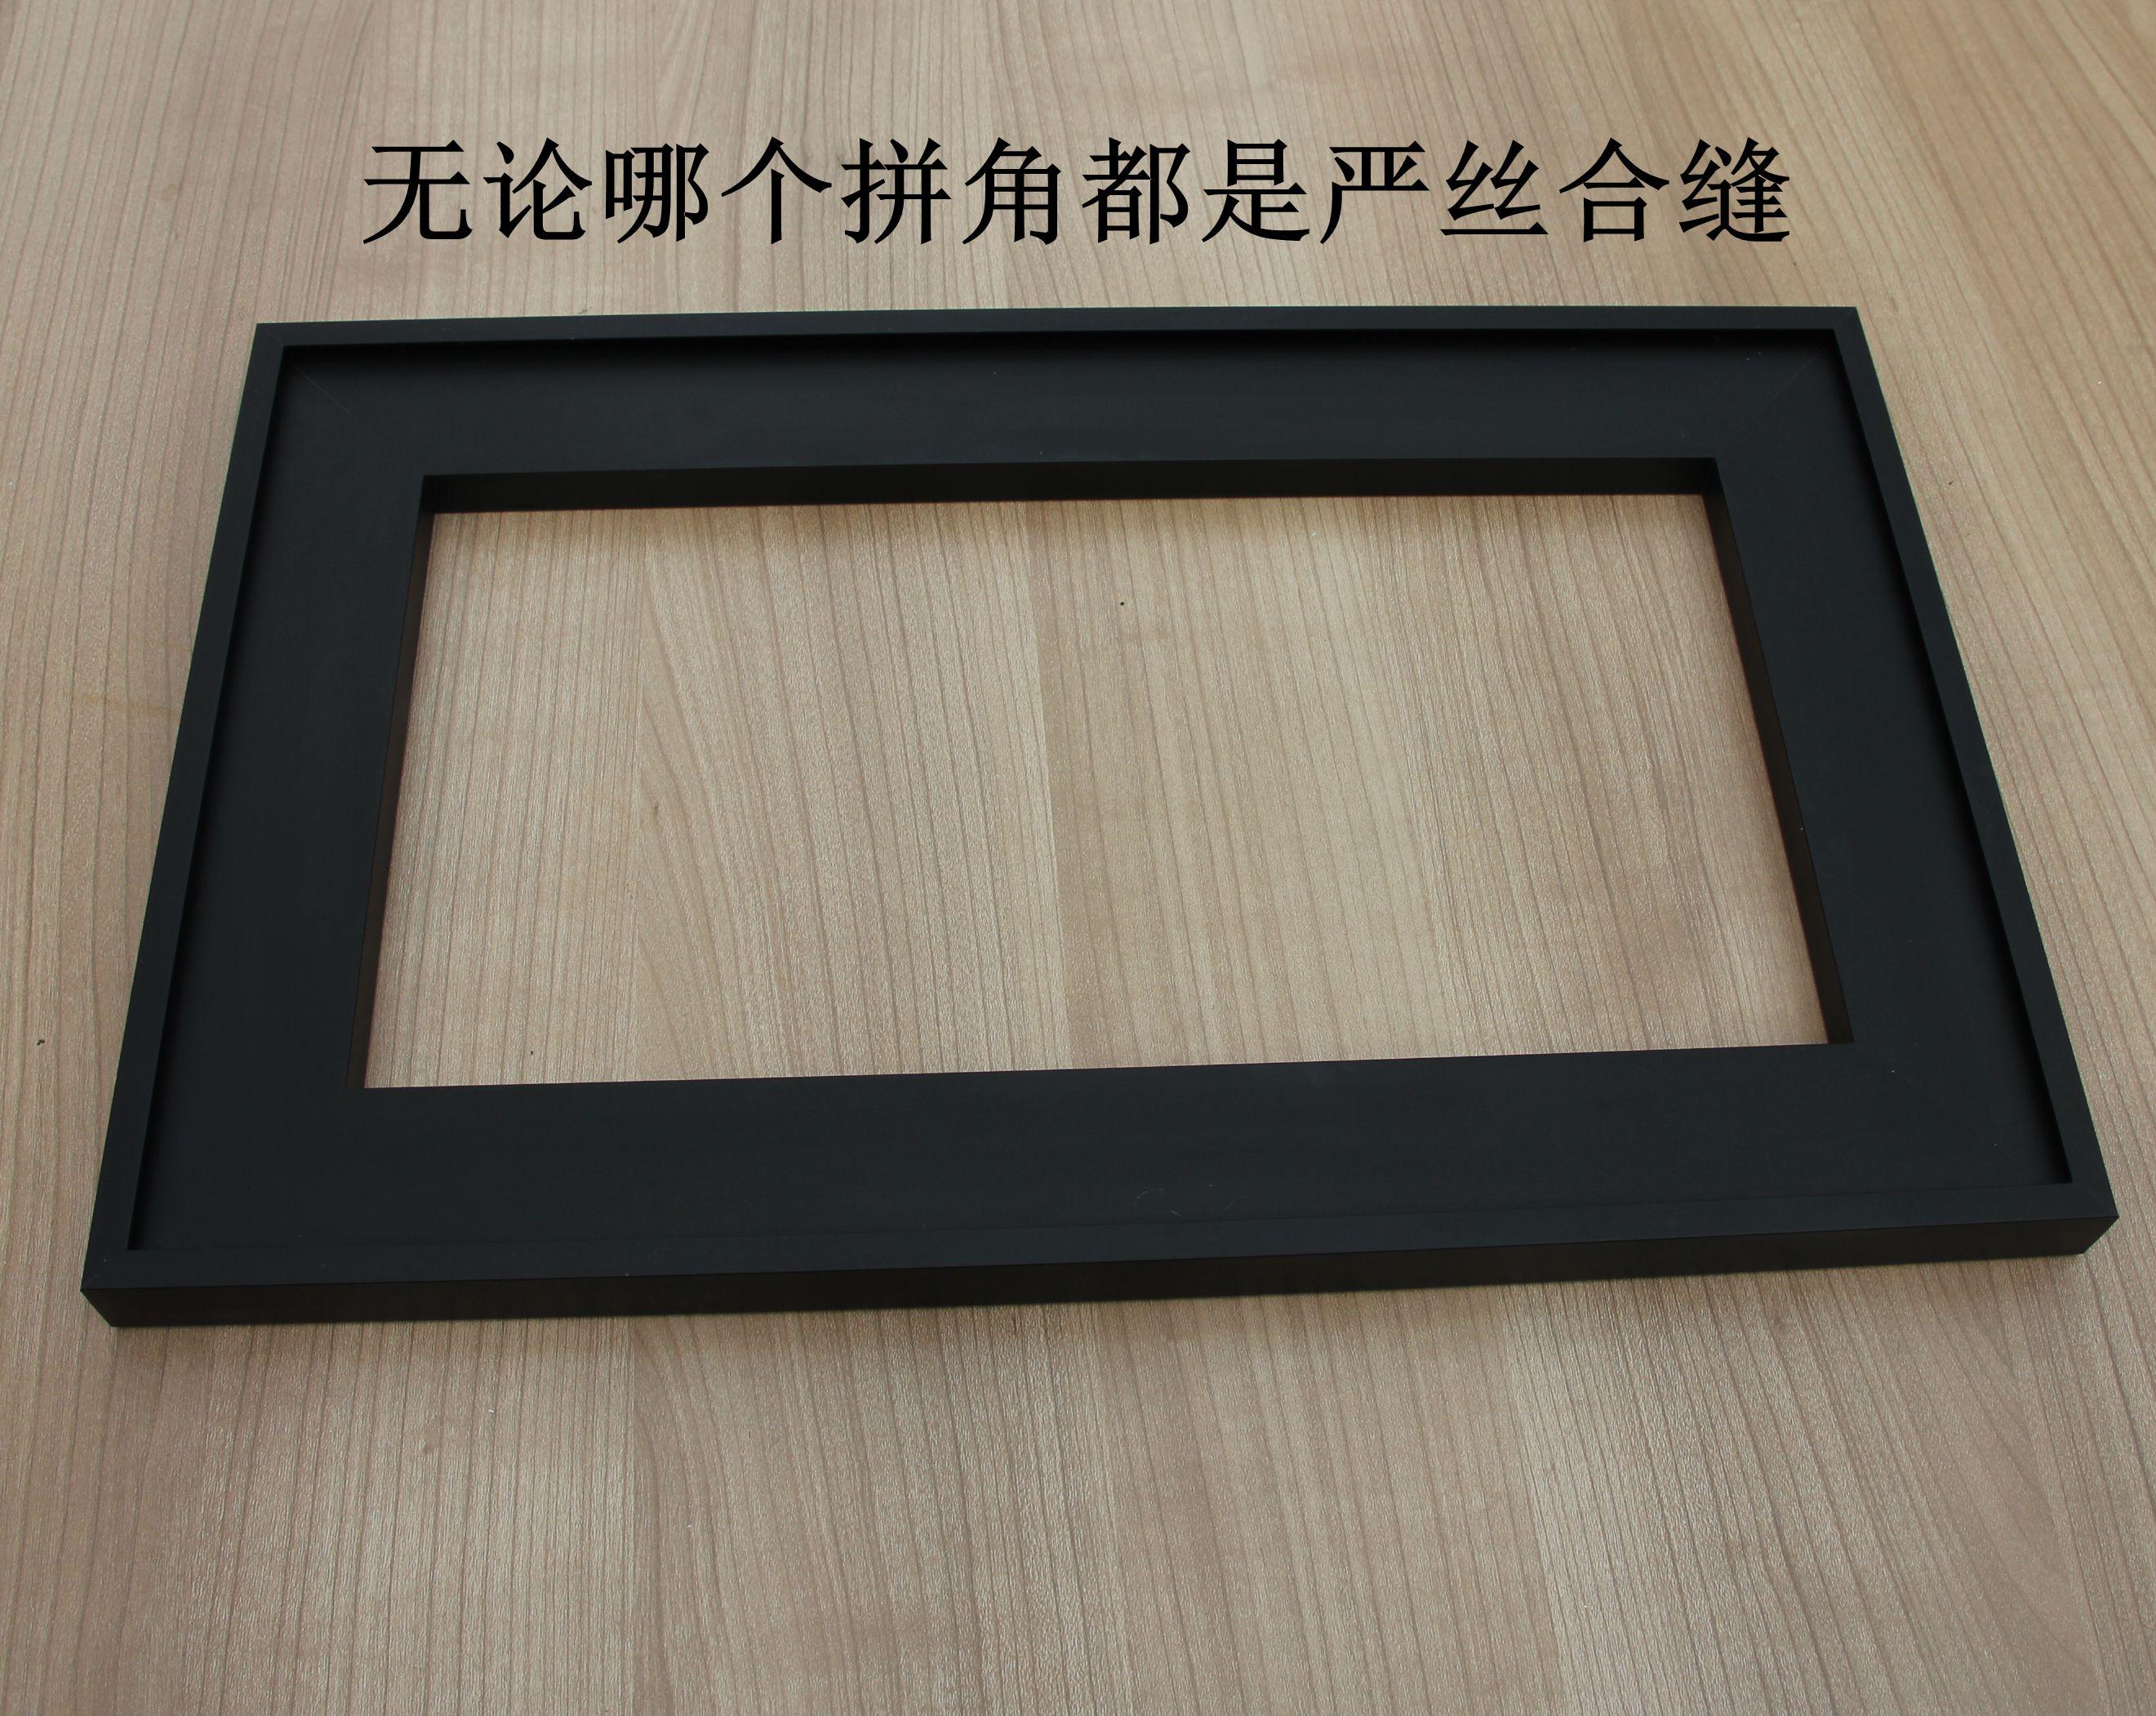 Азиатский черный алюминиевая рама ворота стандарт книжный шкаф ворота алюминиевых сплавов ворота вино ворота стекло двери зеркало коробка кухня дверь